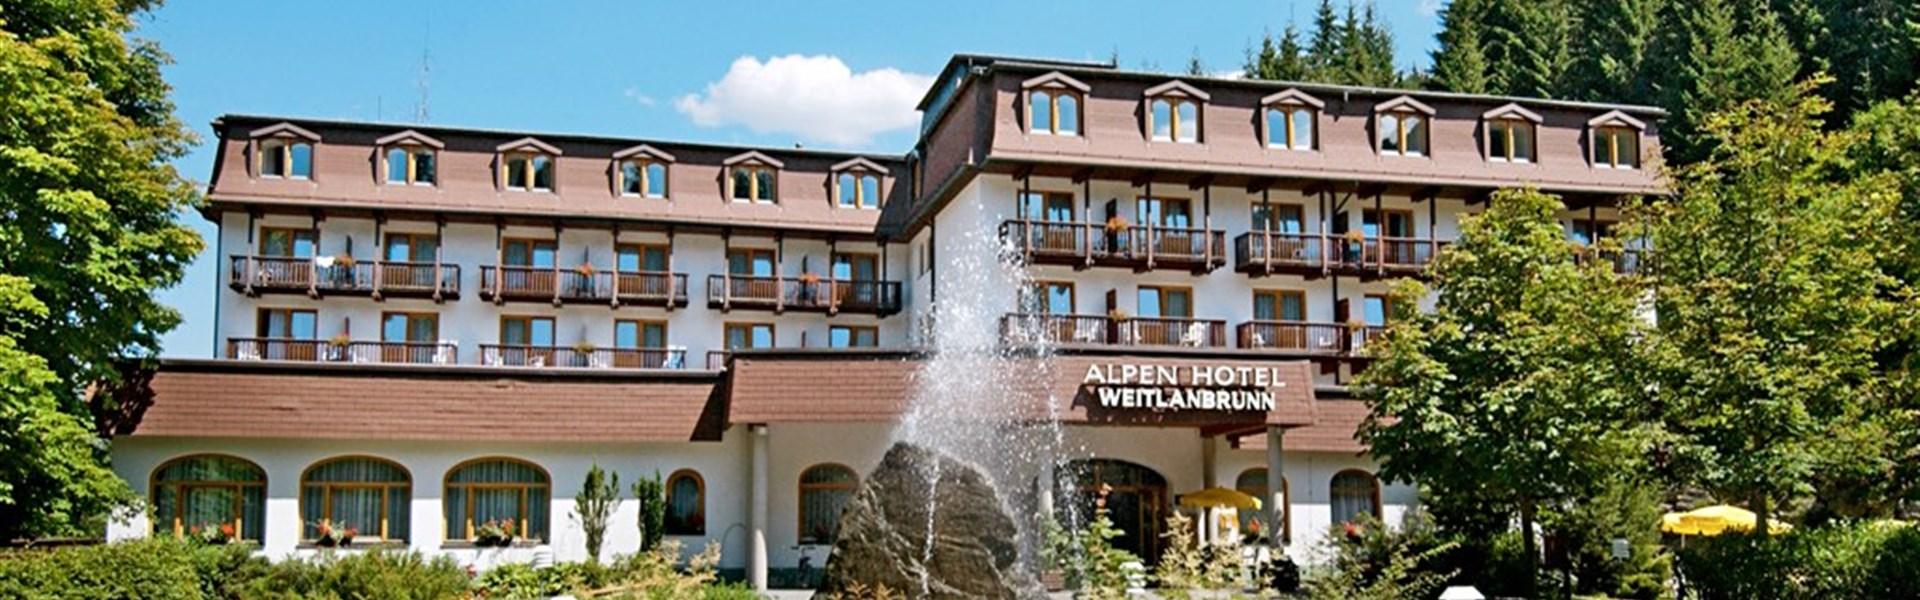 Alpenhotel Weitlanbrunn -